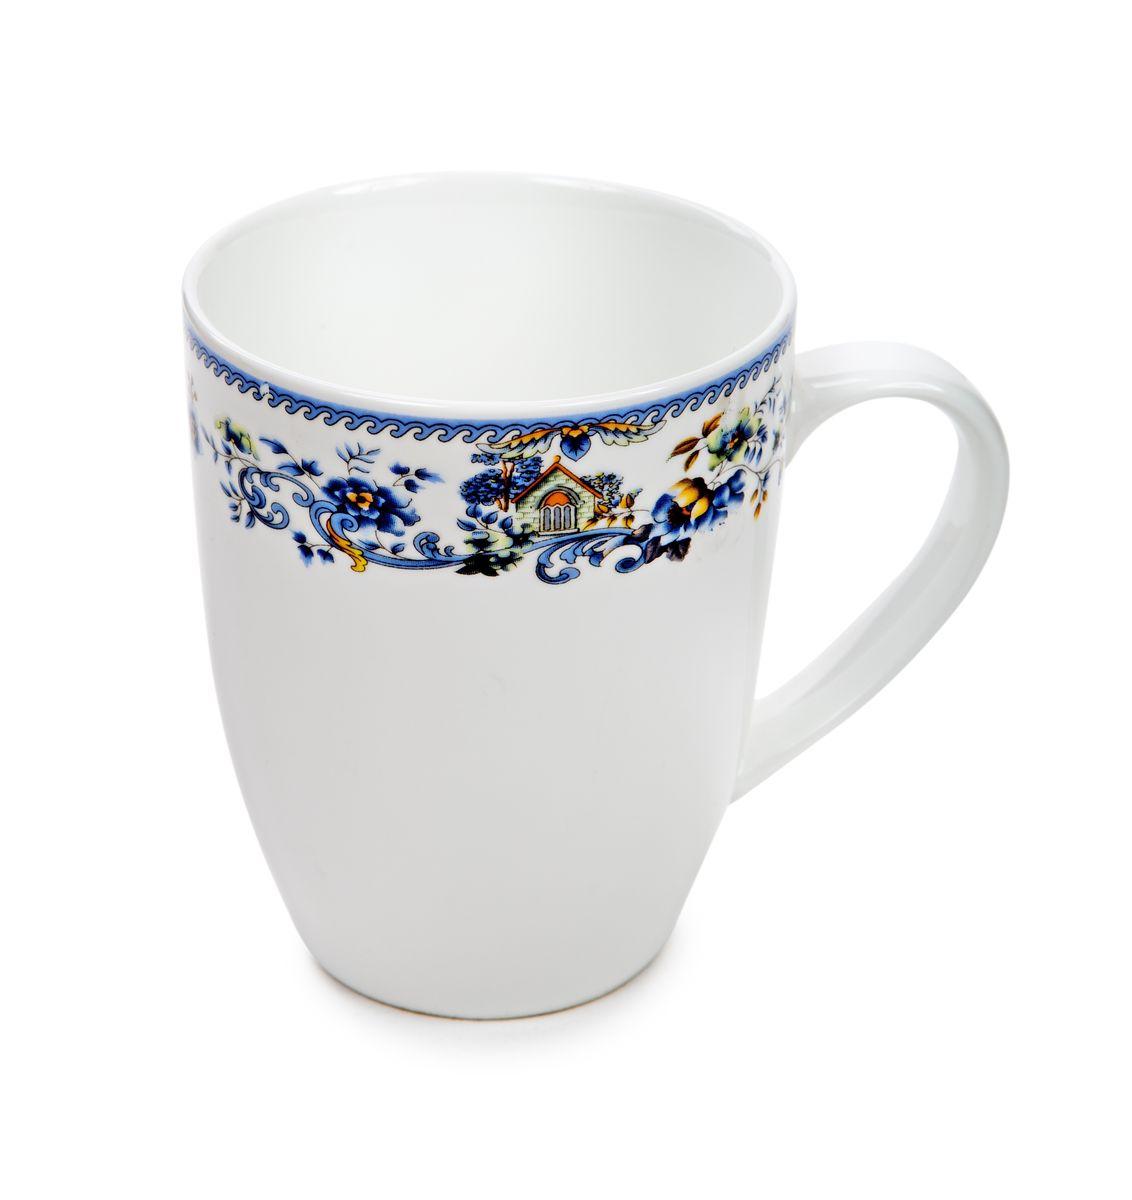 Кружка Nanshan Porcelain Пейзаж, 300 мл54 009312Кружка Nanshan Porcelain Пейзаж изготовлена из высококачественного фарфора с подглазурной деколью, что защищает рисунок от истирания и продлевает срок эксплуатации посуды. Посуда безопасна для здоровья и окружающей среды, не содержит свинец и кадмий. Можно использовать в микроволновой печи и мыть в посудомоечной машине.Объем: 300 мл.Диаметр (по верхнему краю): 8 см.Высота кружки: 10 см.